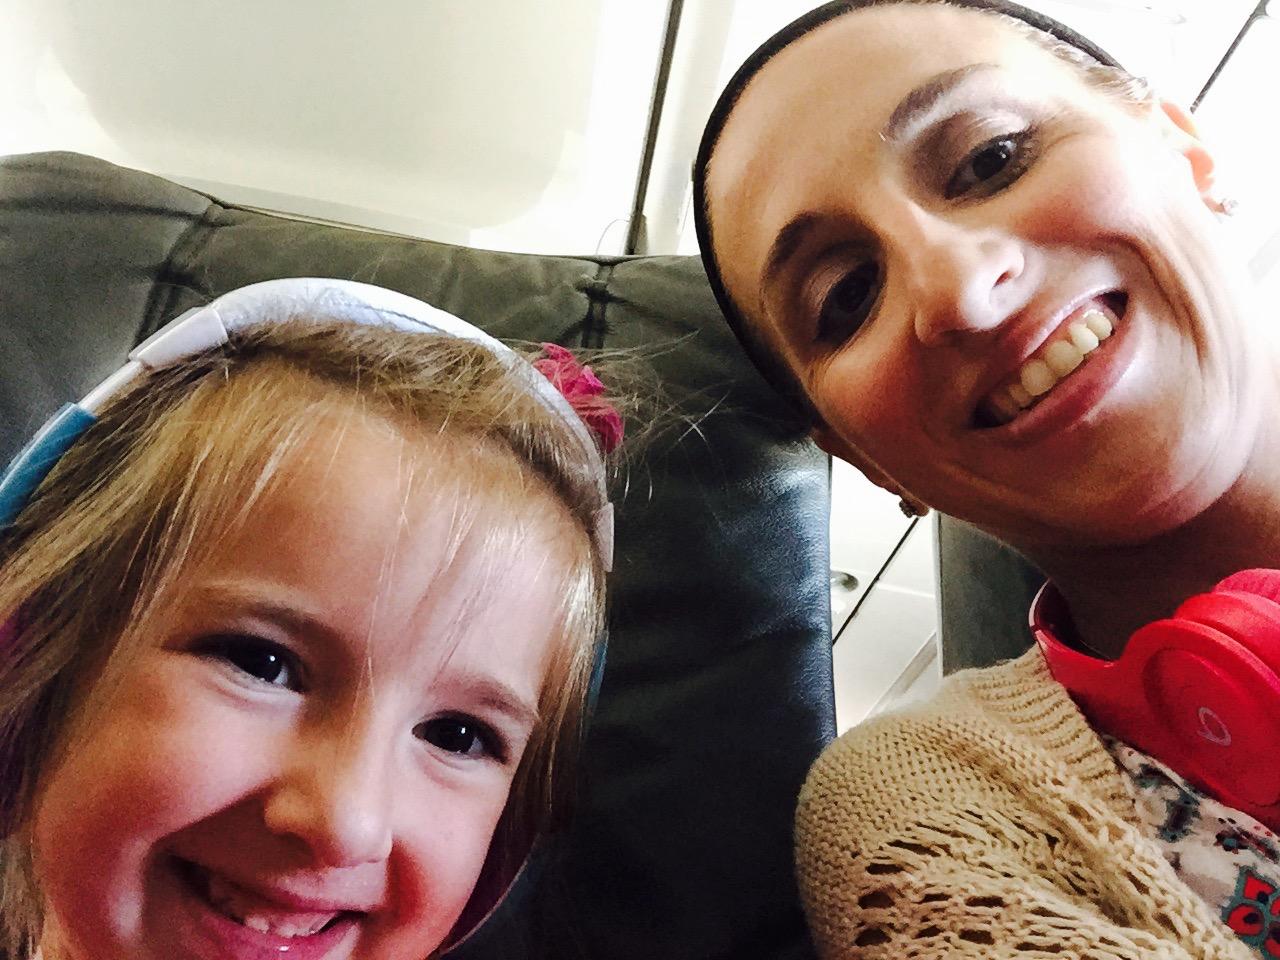 Fun Selfies on the Plane